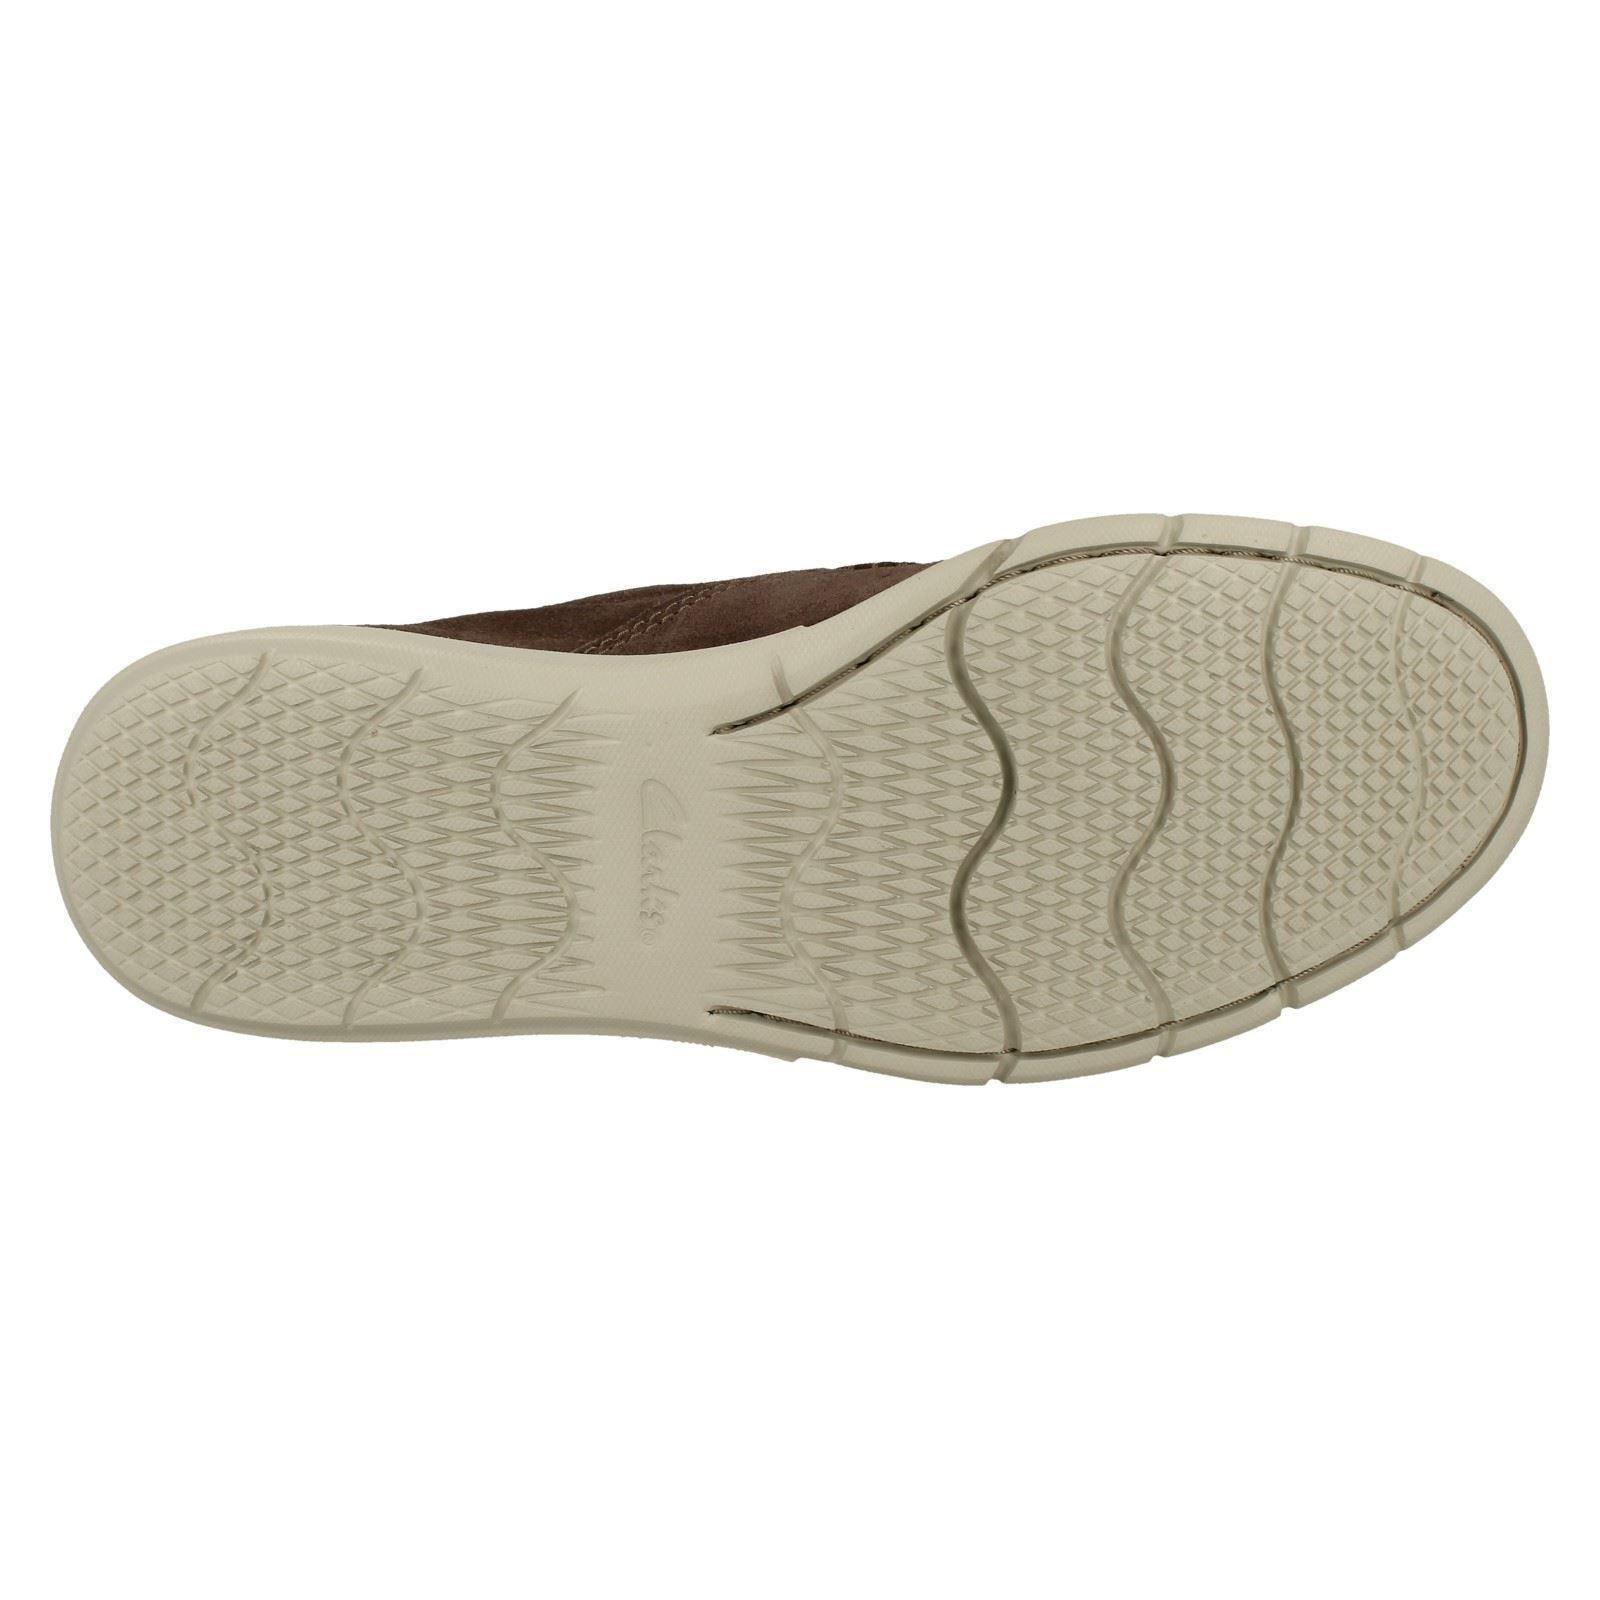 Herren Clarks Edgewood Step Leder Taupe Suede Leder Step Slip On Schuhes 26f190